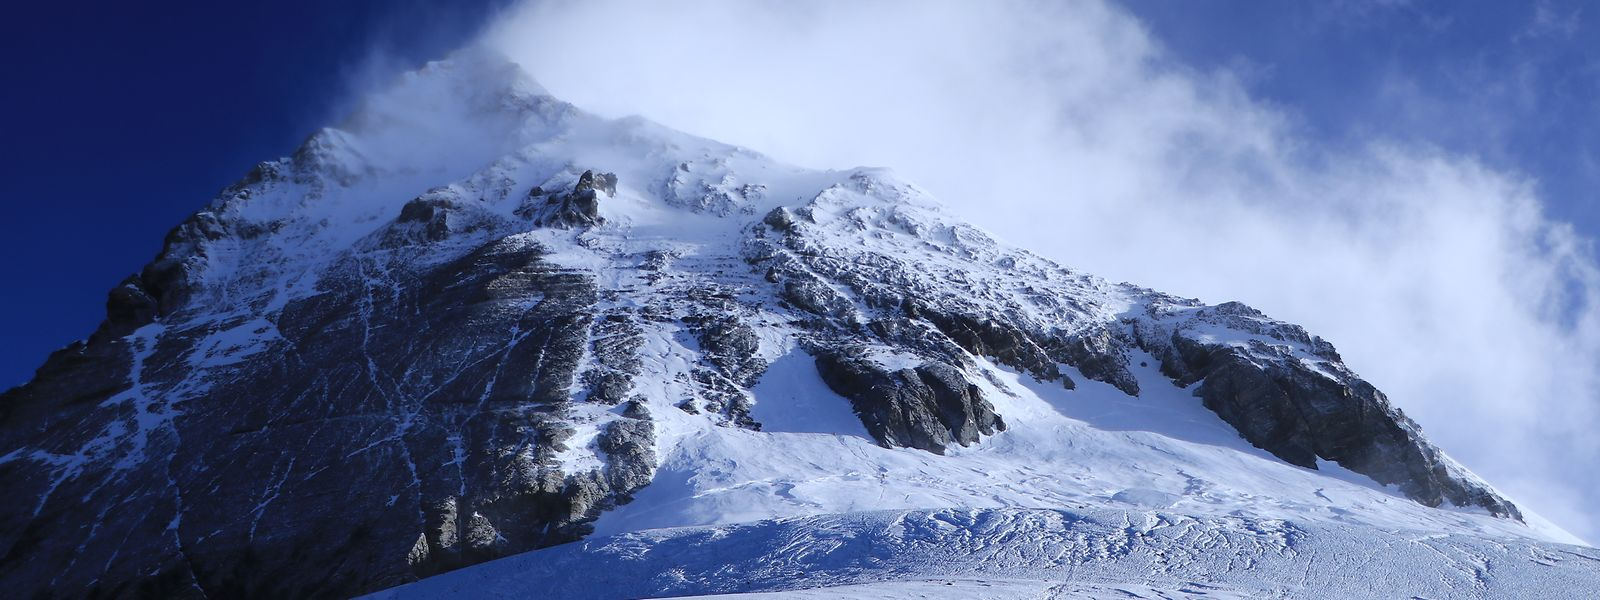 """Blick vom Südsattel auf den Südgipfel und den sogenannten """"Balkon"""" des Mount Everest."""